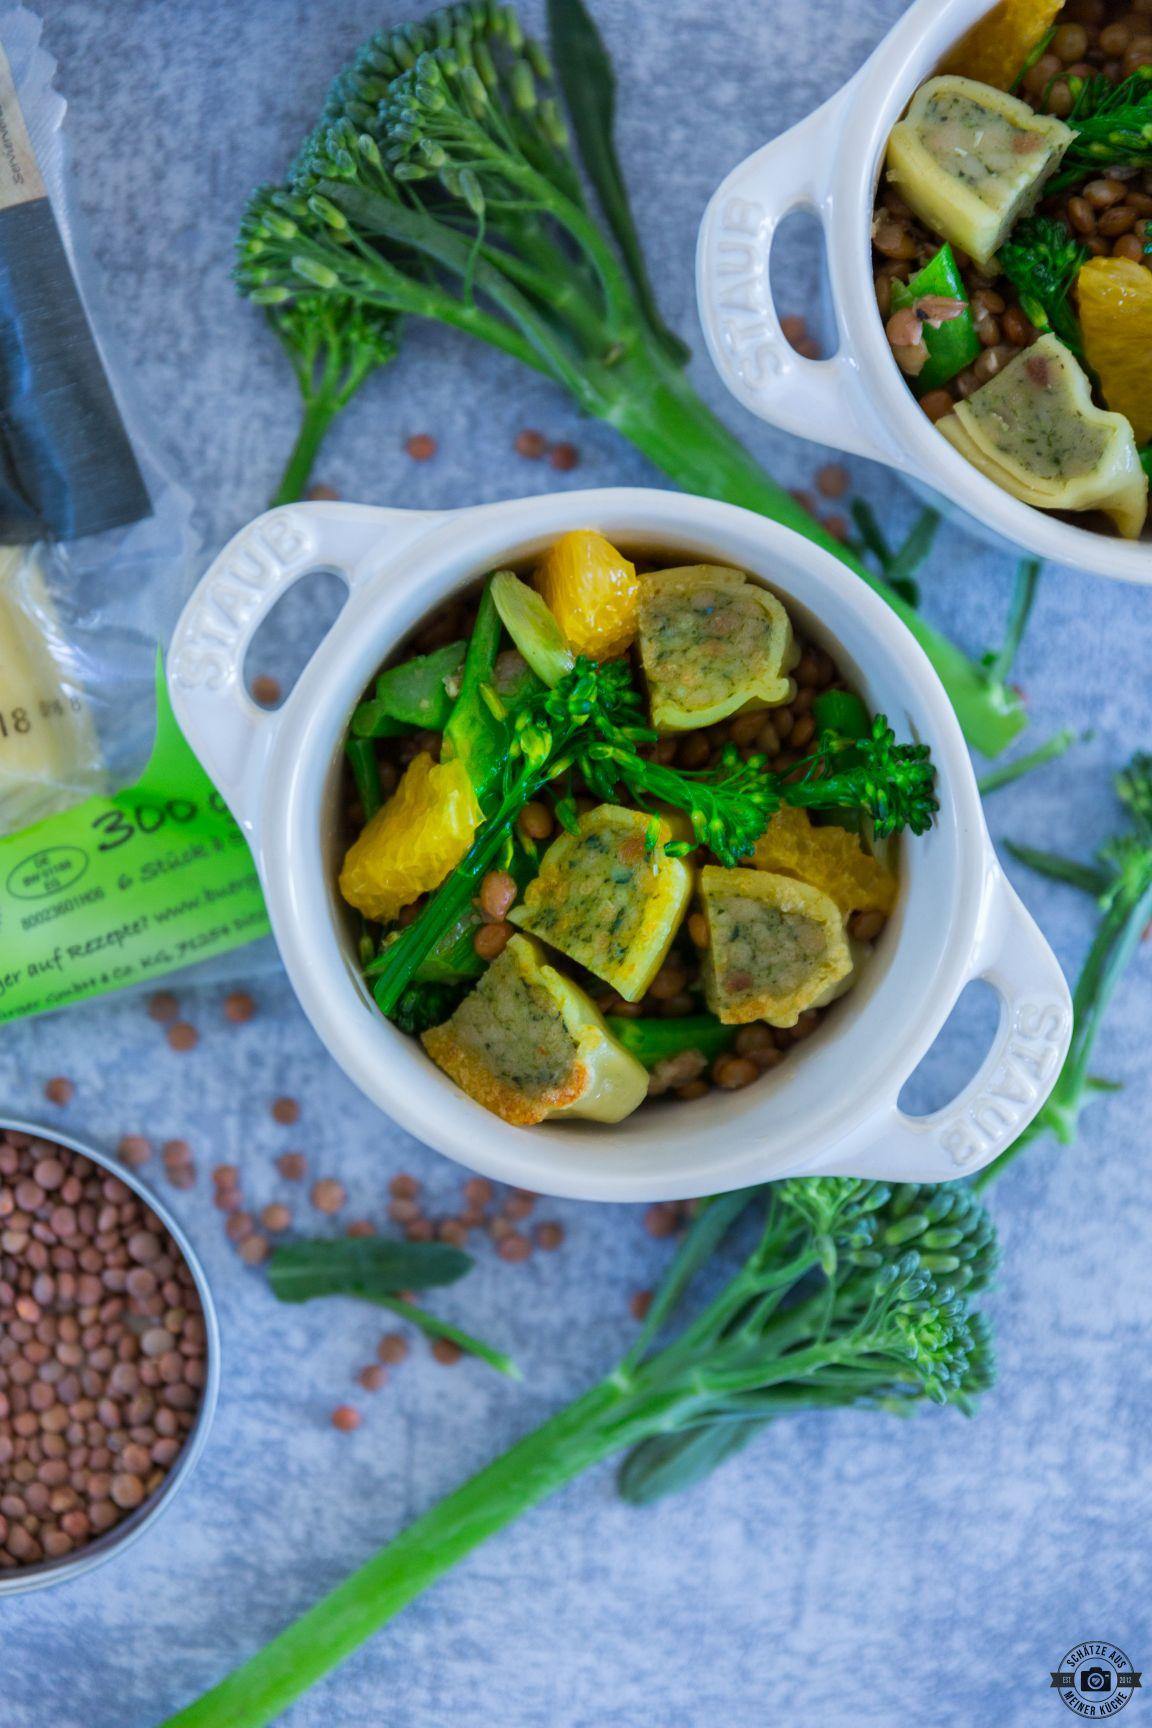 Alblinsensalat mit Brokkoli Maultaschen Orange Schätze aus meiner Küche Bürger